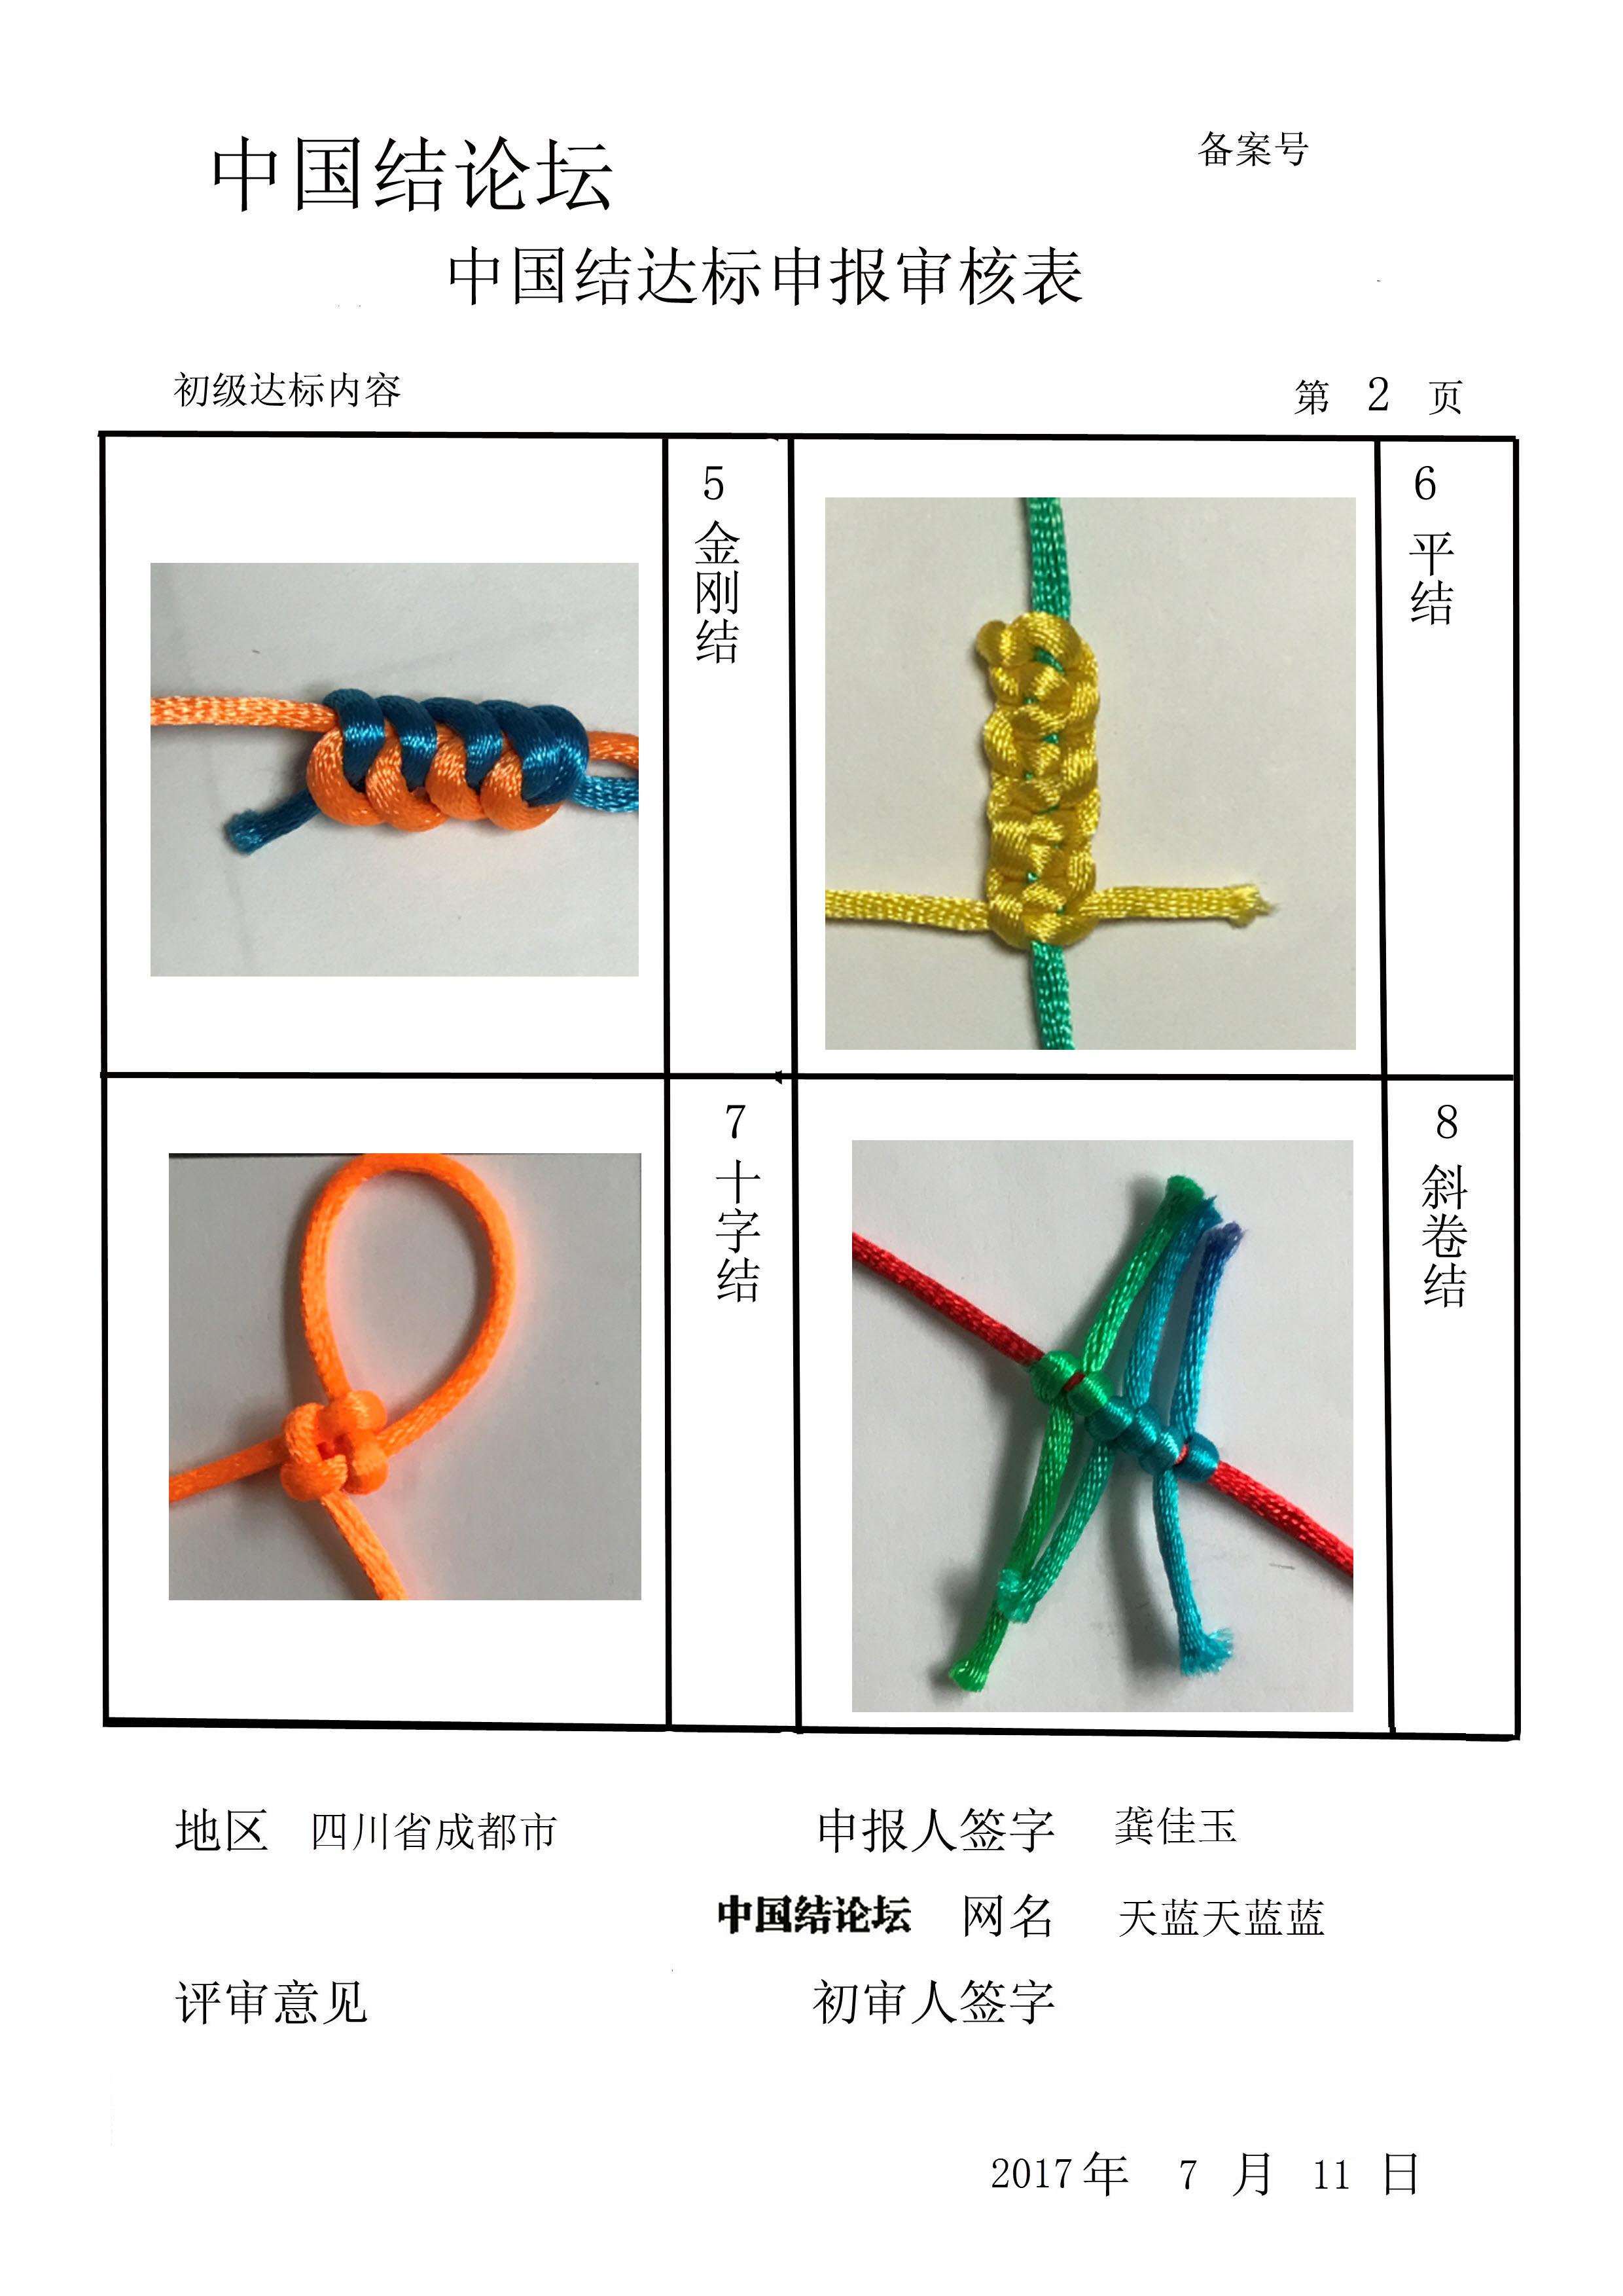 中国结论坛 天蓝天蓝蓝------初级达标审核稿 经过一个多月的努力,终于完成了,请老师提意见  中国绳结艺术分级达标审核 144159z11rfi481ufrfid8